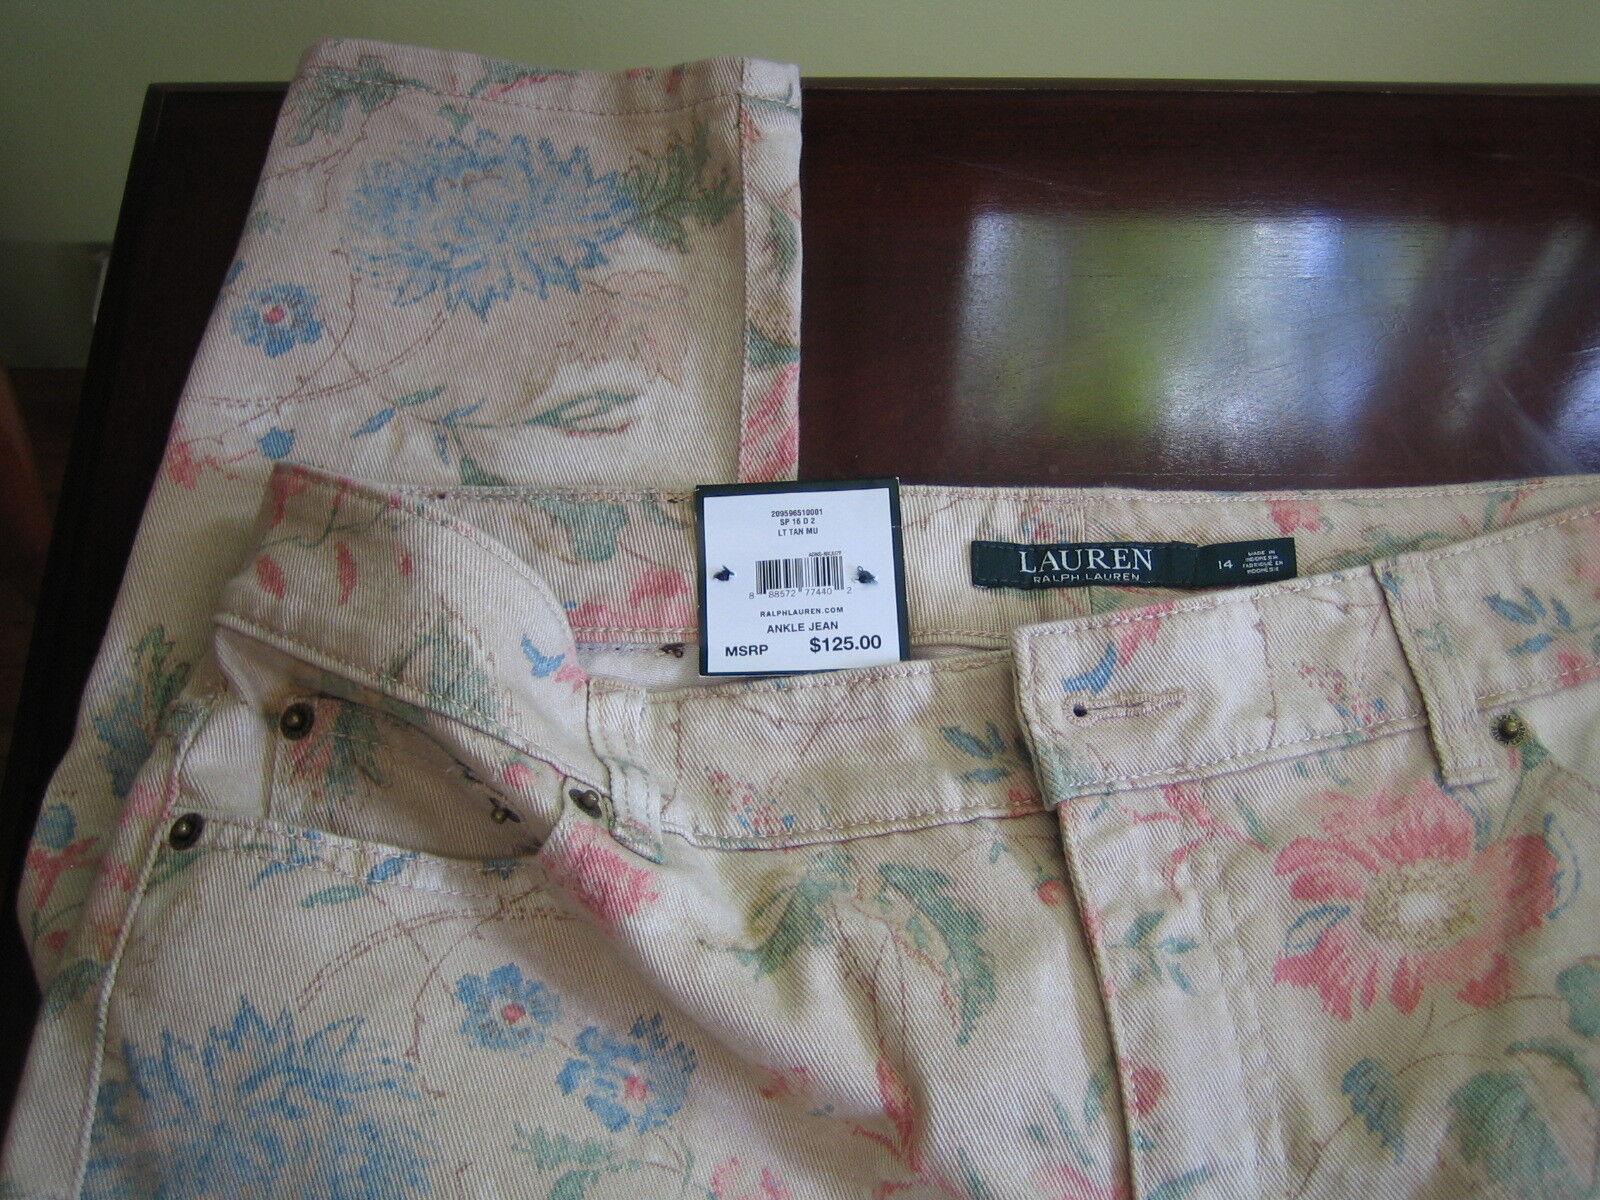 125 RALPH LAUREN JEANS minc Fit Cheville De Coton Floral Tapestry pastel 14